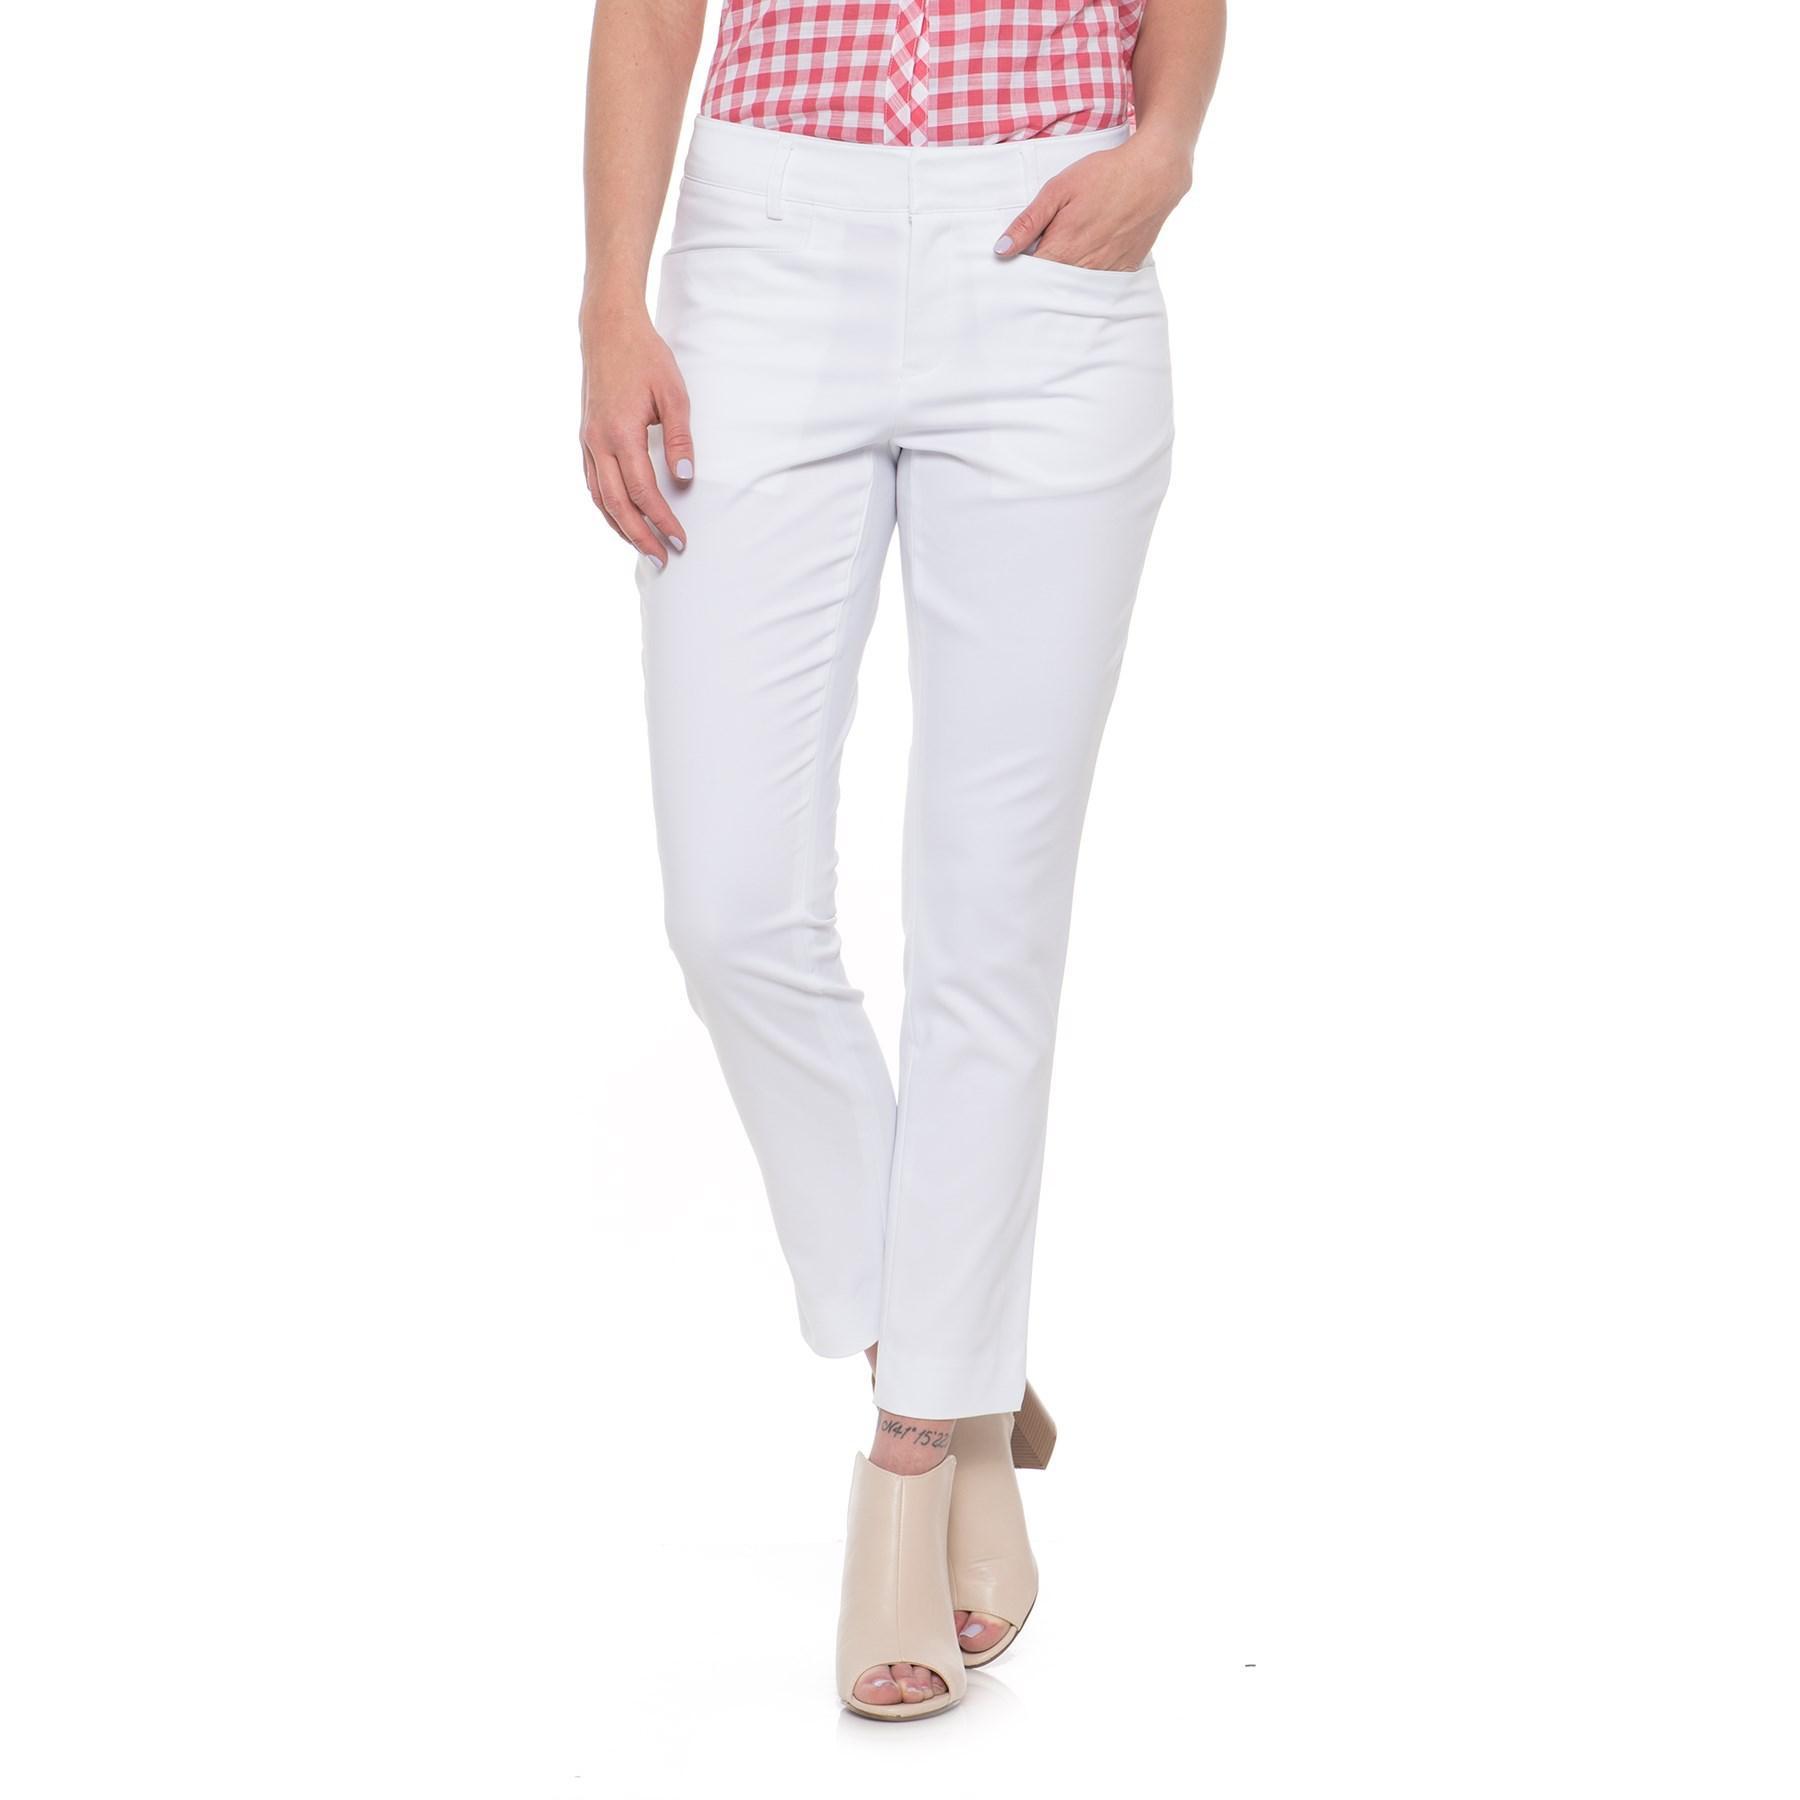 868e15d8965f Lyst - Foxcroft Rachel Ankle Pants (for Women) in White